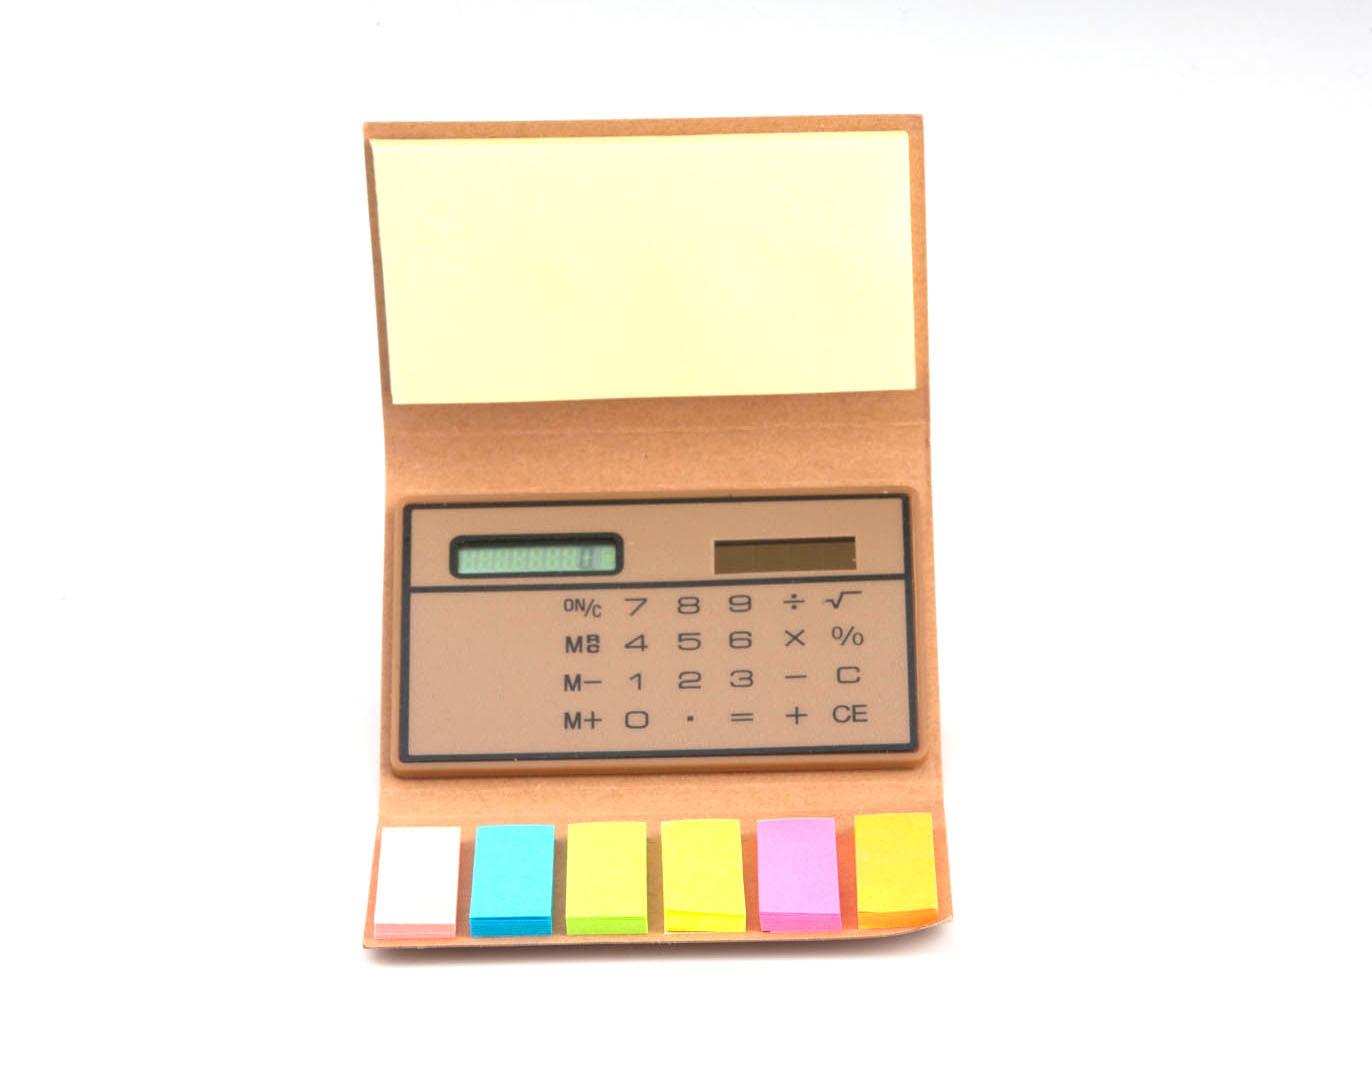 Set de notas eco calculadora for Calculadora de redes